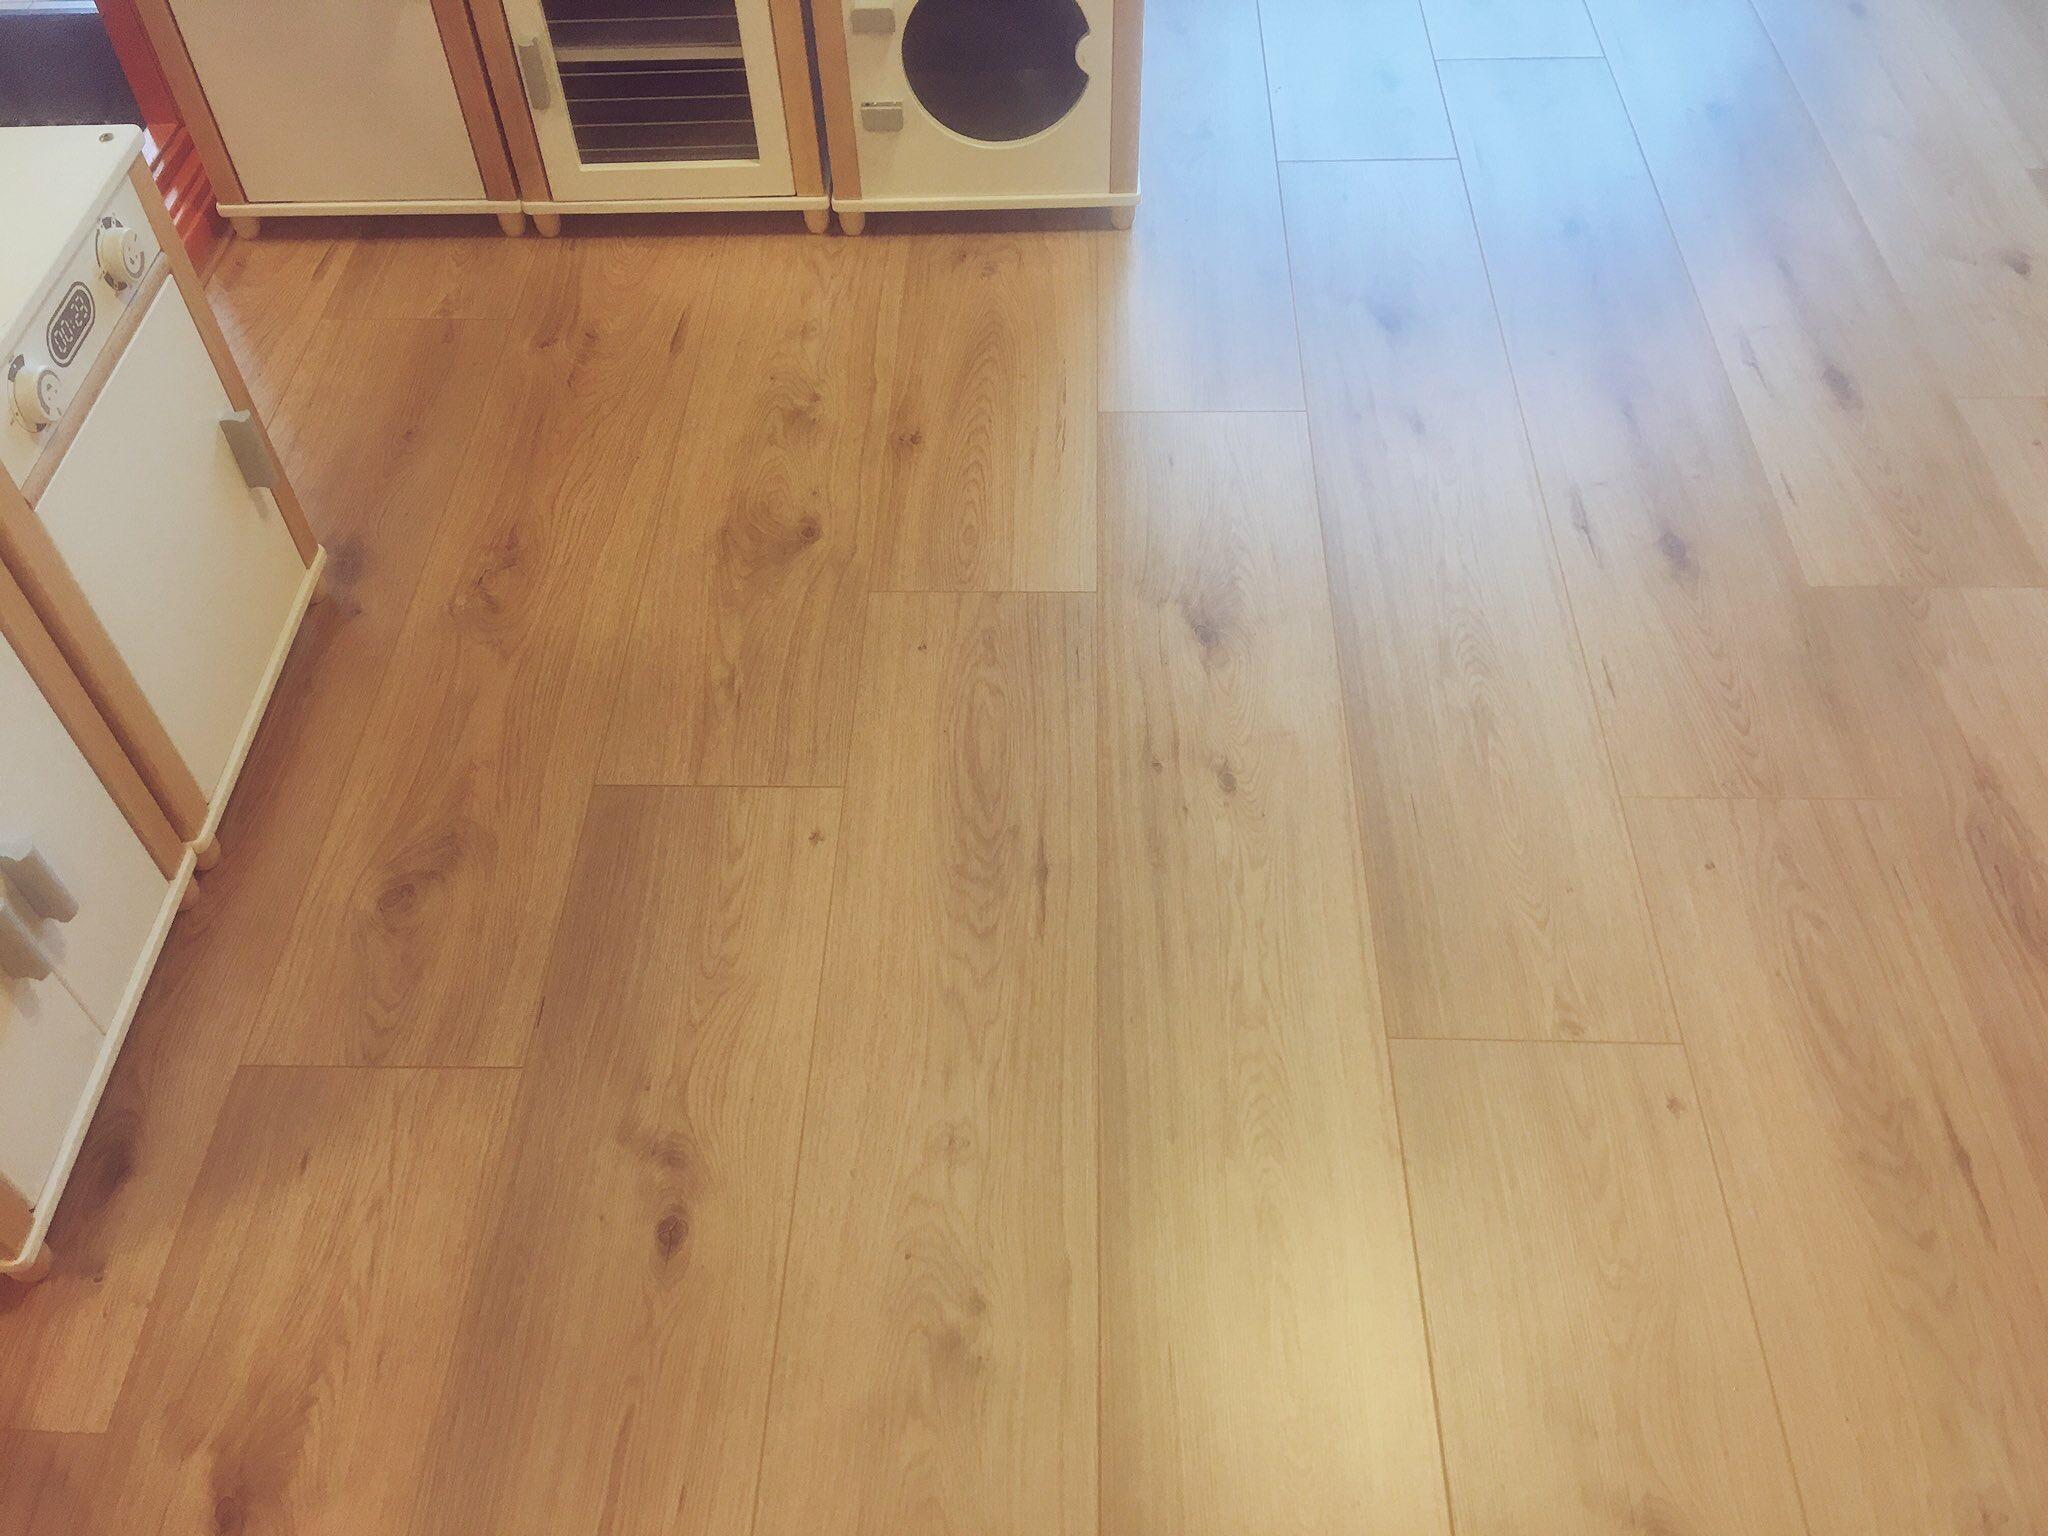 Gehele pand voorzien van een houten vloer